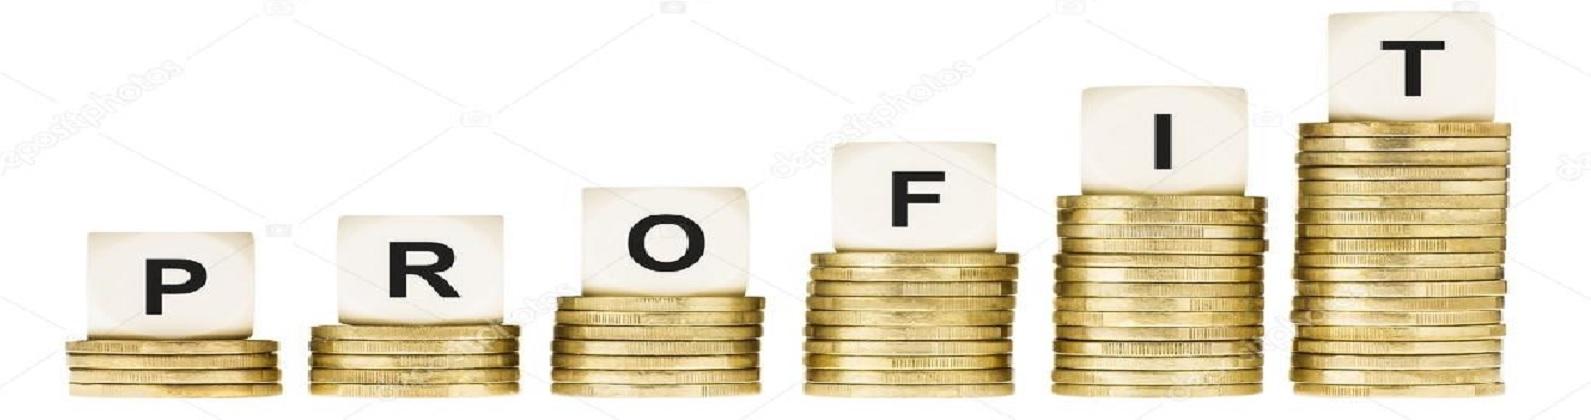 Τα οφέλη της αποταμίευσης μέσα από μηχανισμούς επένδυσης